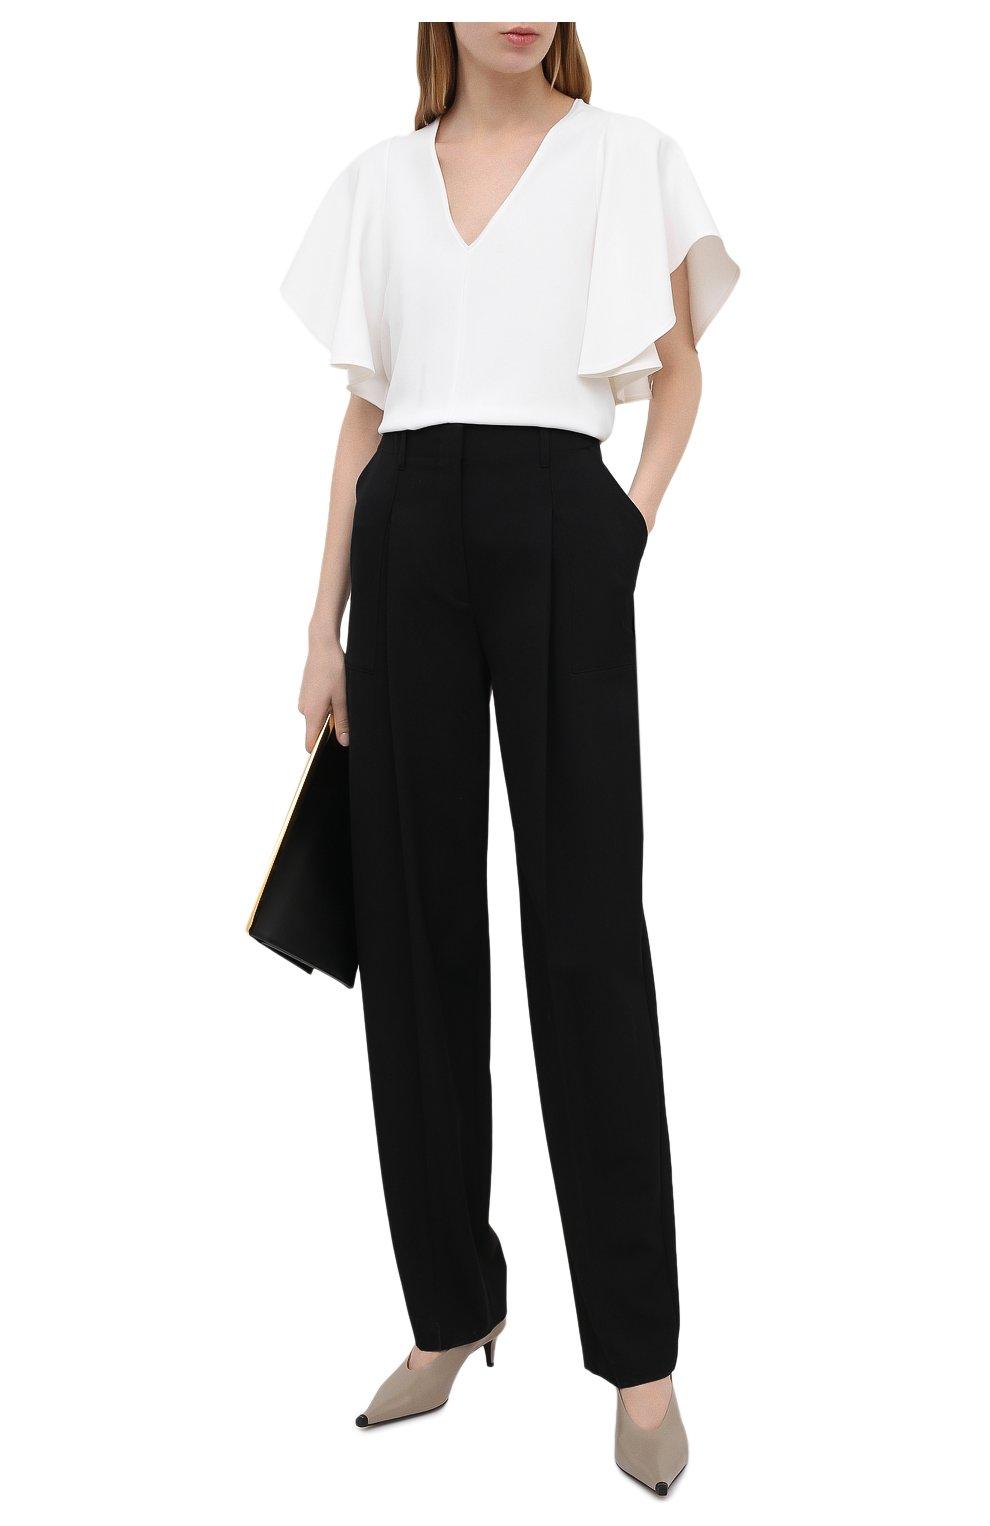 Женские шерстяные брюки STELLA MCCARTNEY черного цвета, арт. 602439/SPA28 | Фото 2 (Длина (брюки, джинсы): Удлиненные; Материал внешний: Шерсть; Женское Кросс-КТ: Брюки-одежда; Силуэт Ж (брюки и джинсы): Прямые; Стили: Кэжуэл)